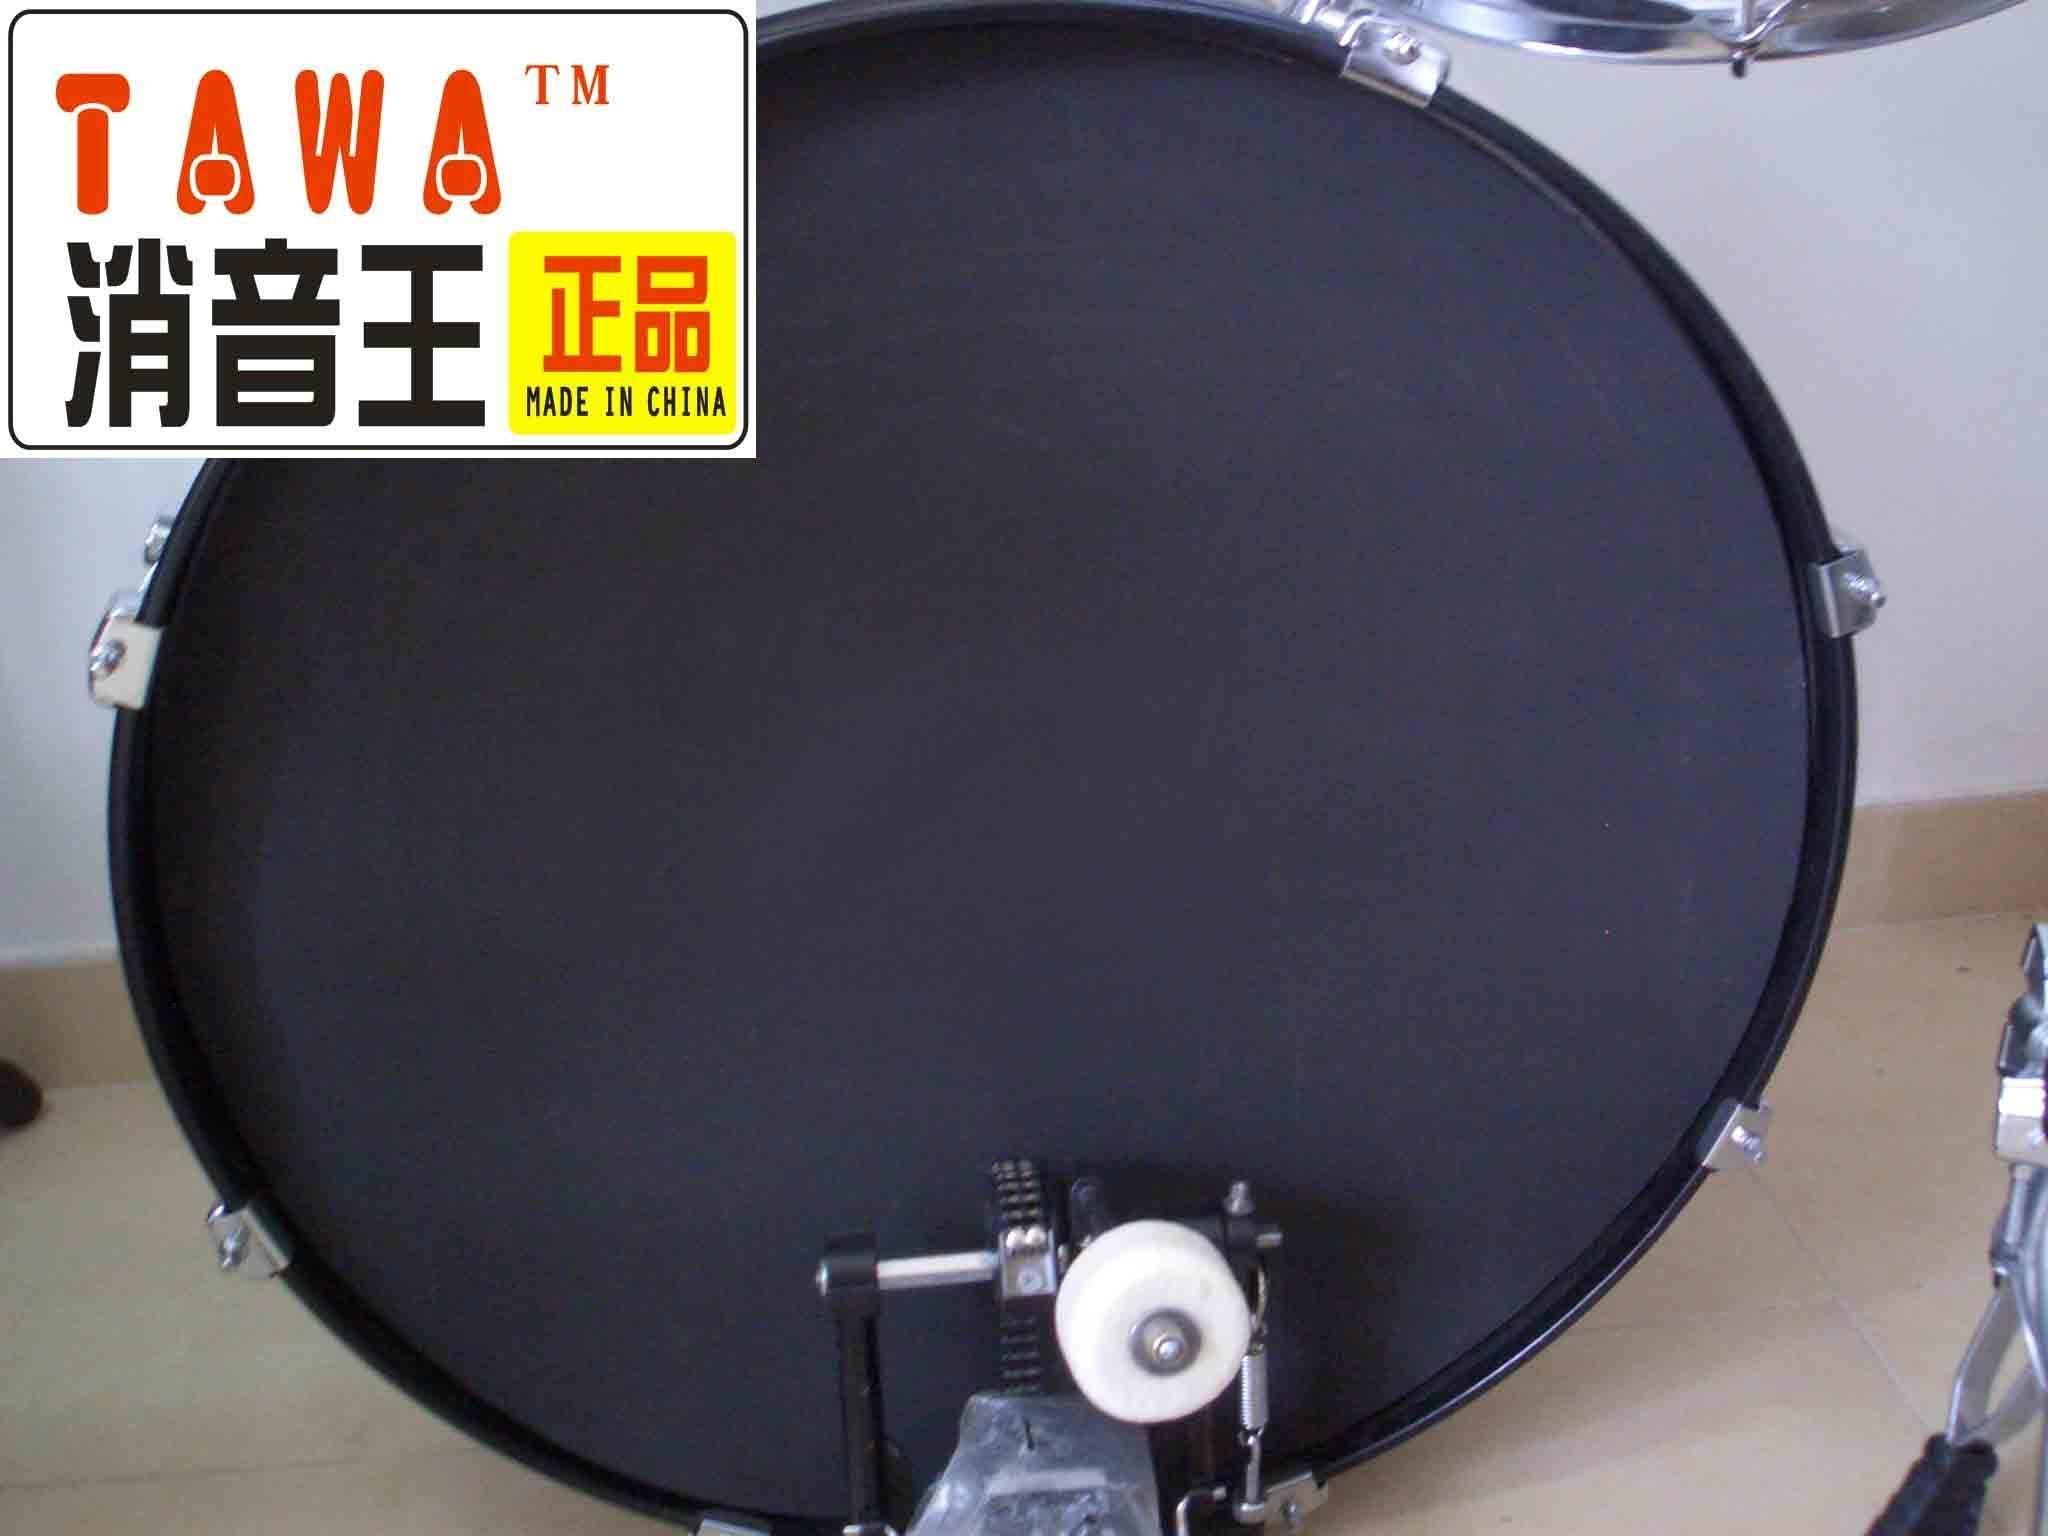 Пэд-заглушка Немой немой площадку барабан колодки глушителя колодки 50.5cm20 дюйма высокой плотности закрытия барабаны барабан колодки